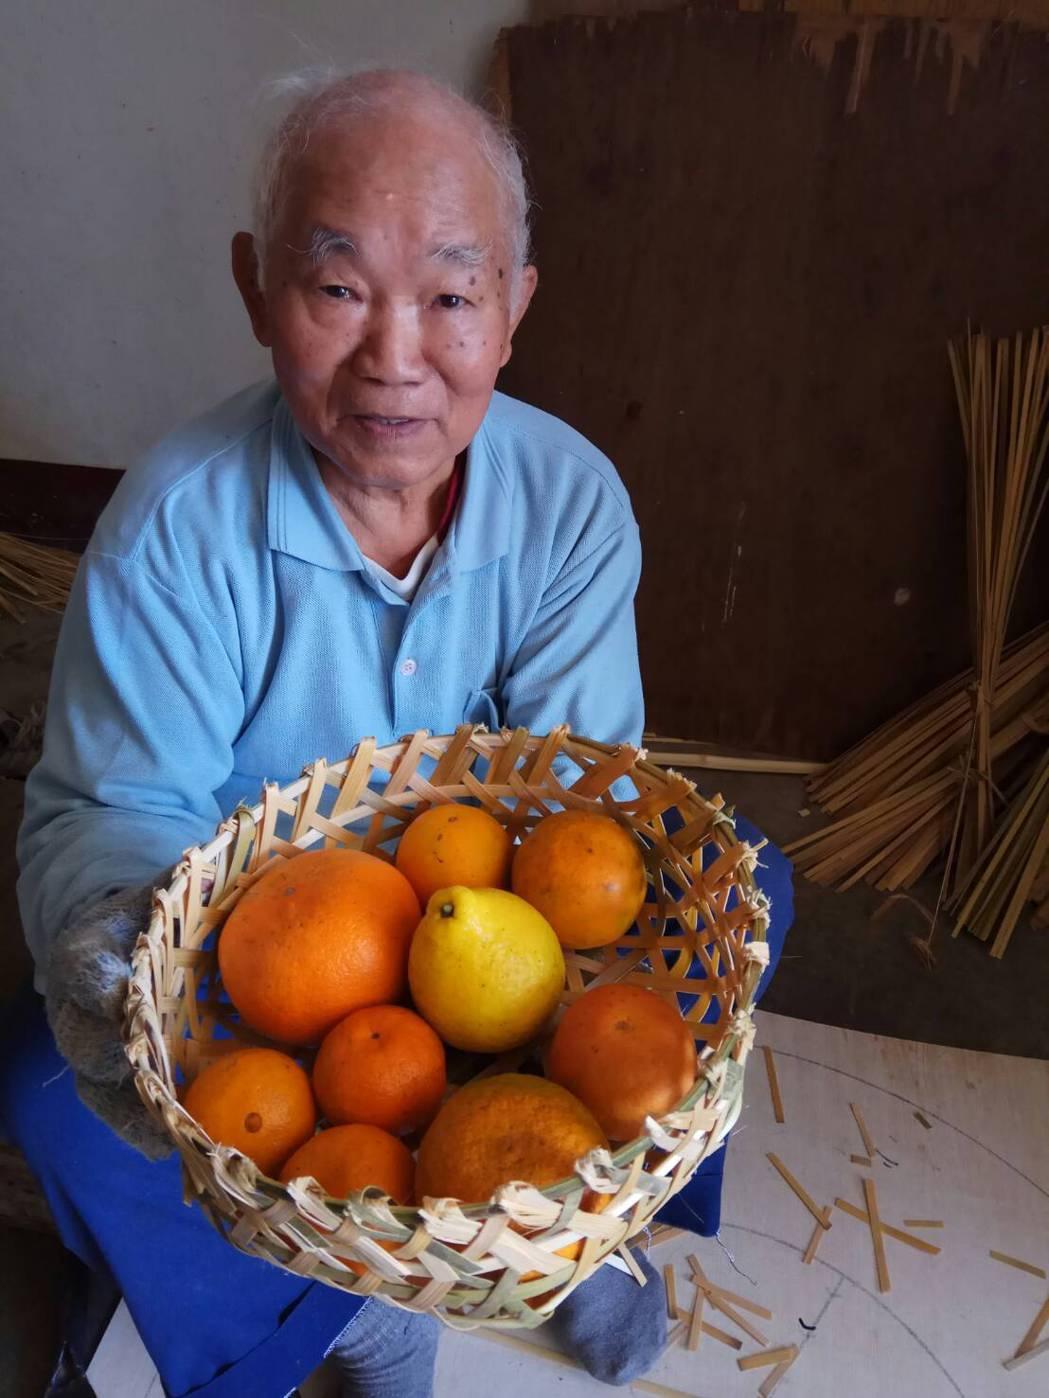 新竹縣芎林鄉84歲老兵黃昌水用手工竹編作為禮盒。記者陳妍霖/翻攝